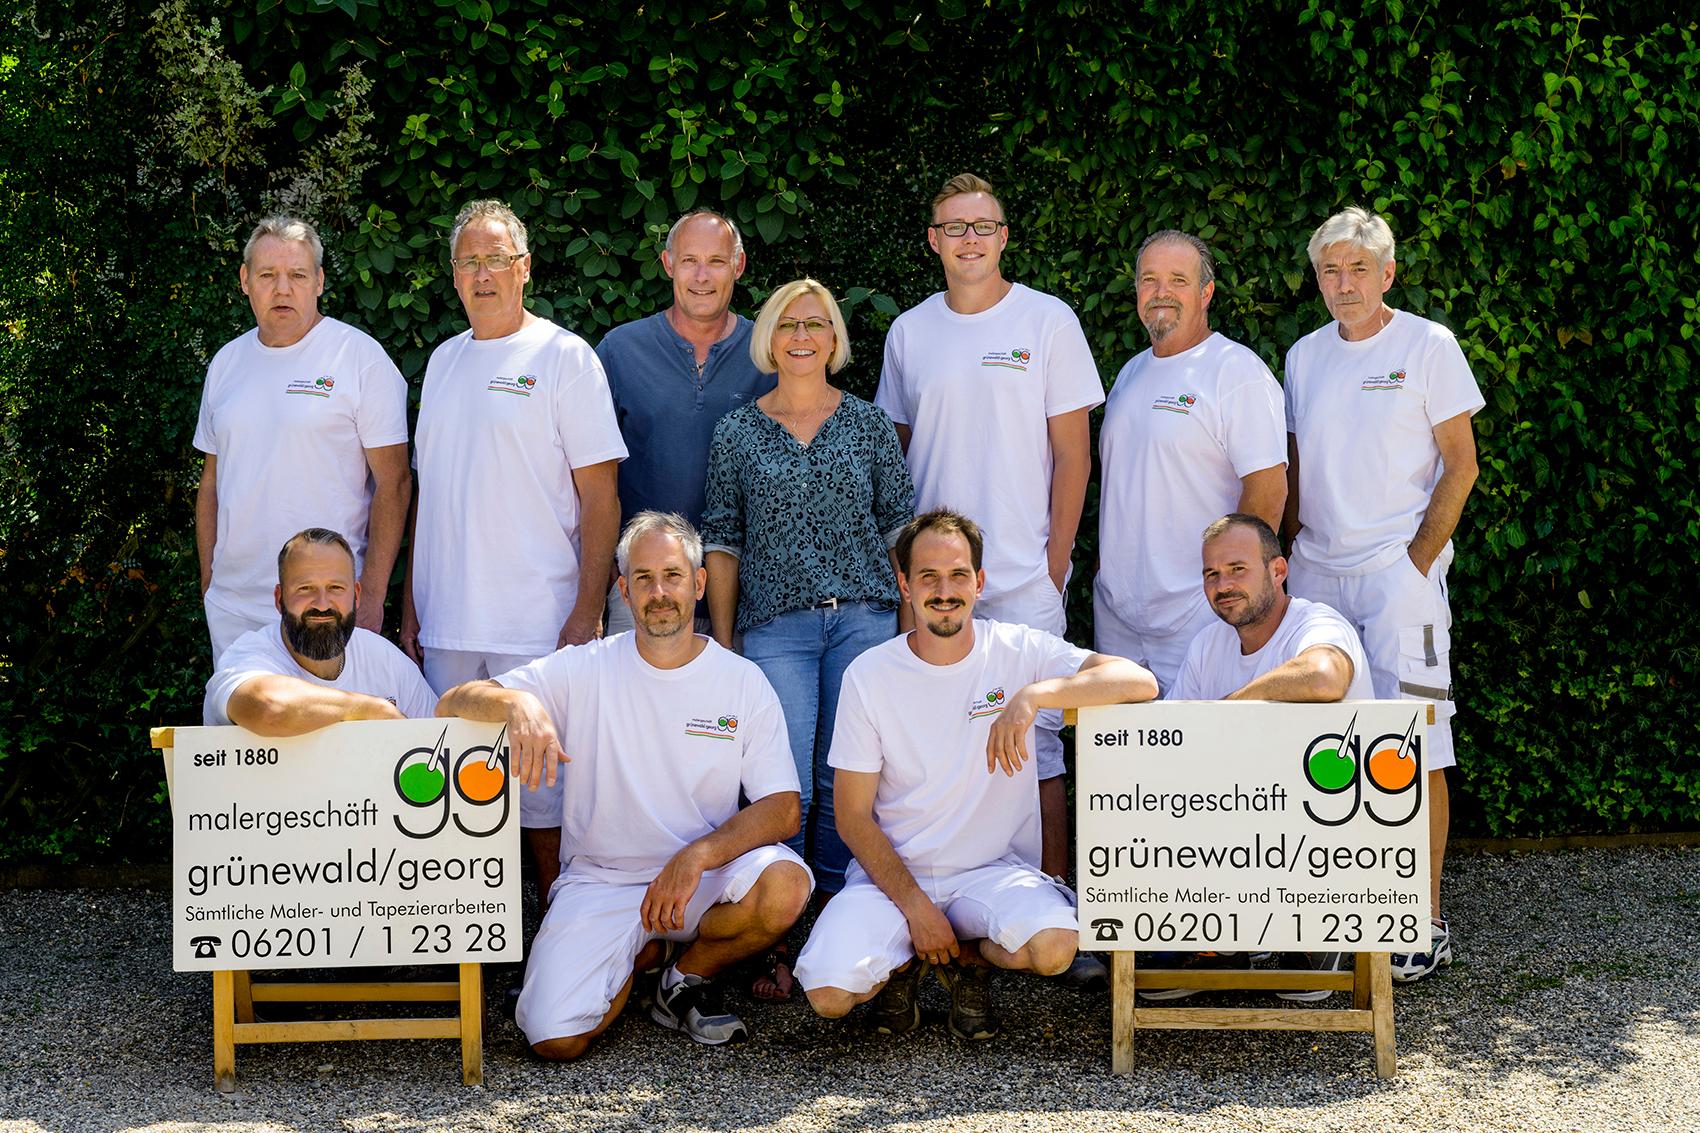 Gruenewald Georg Team